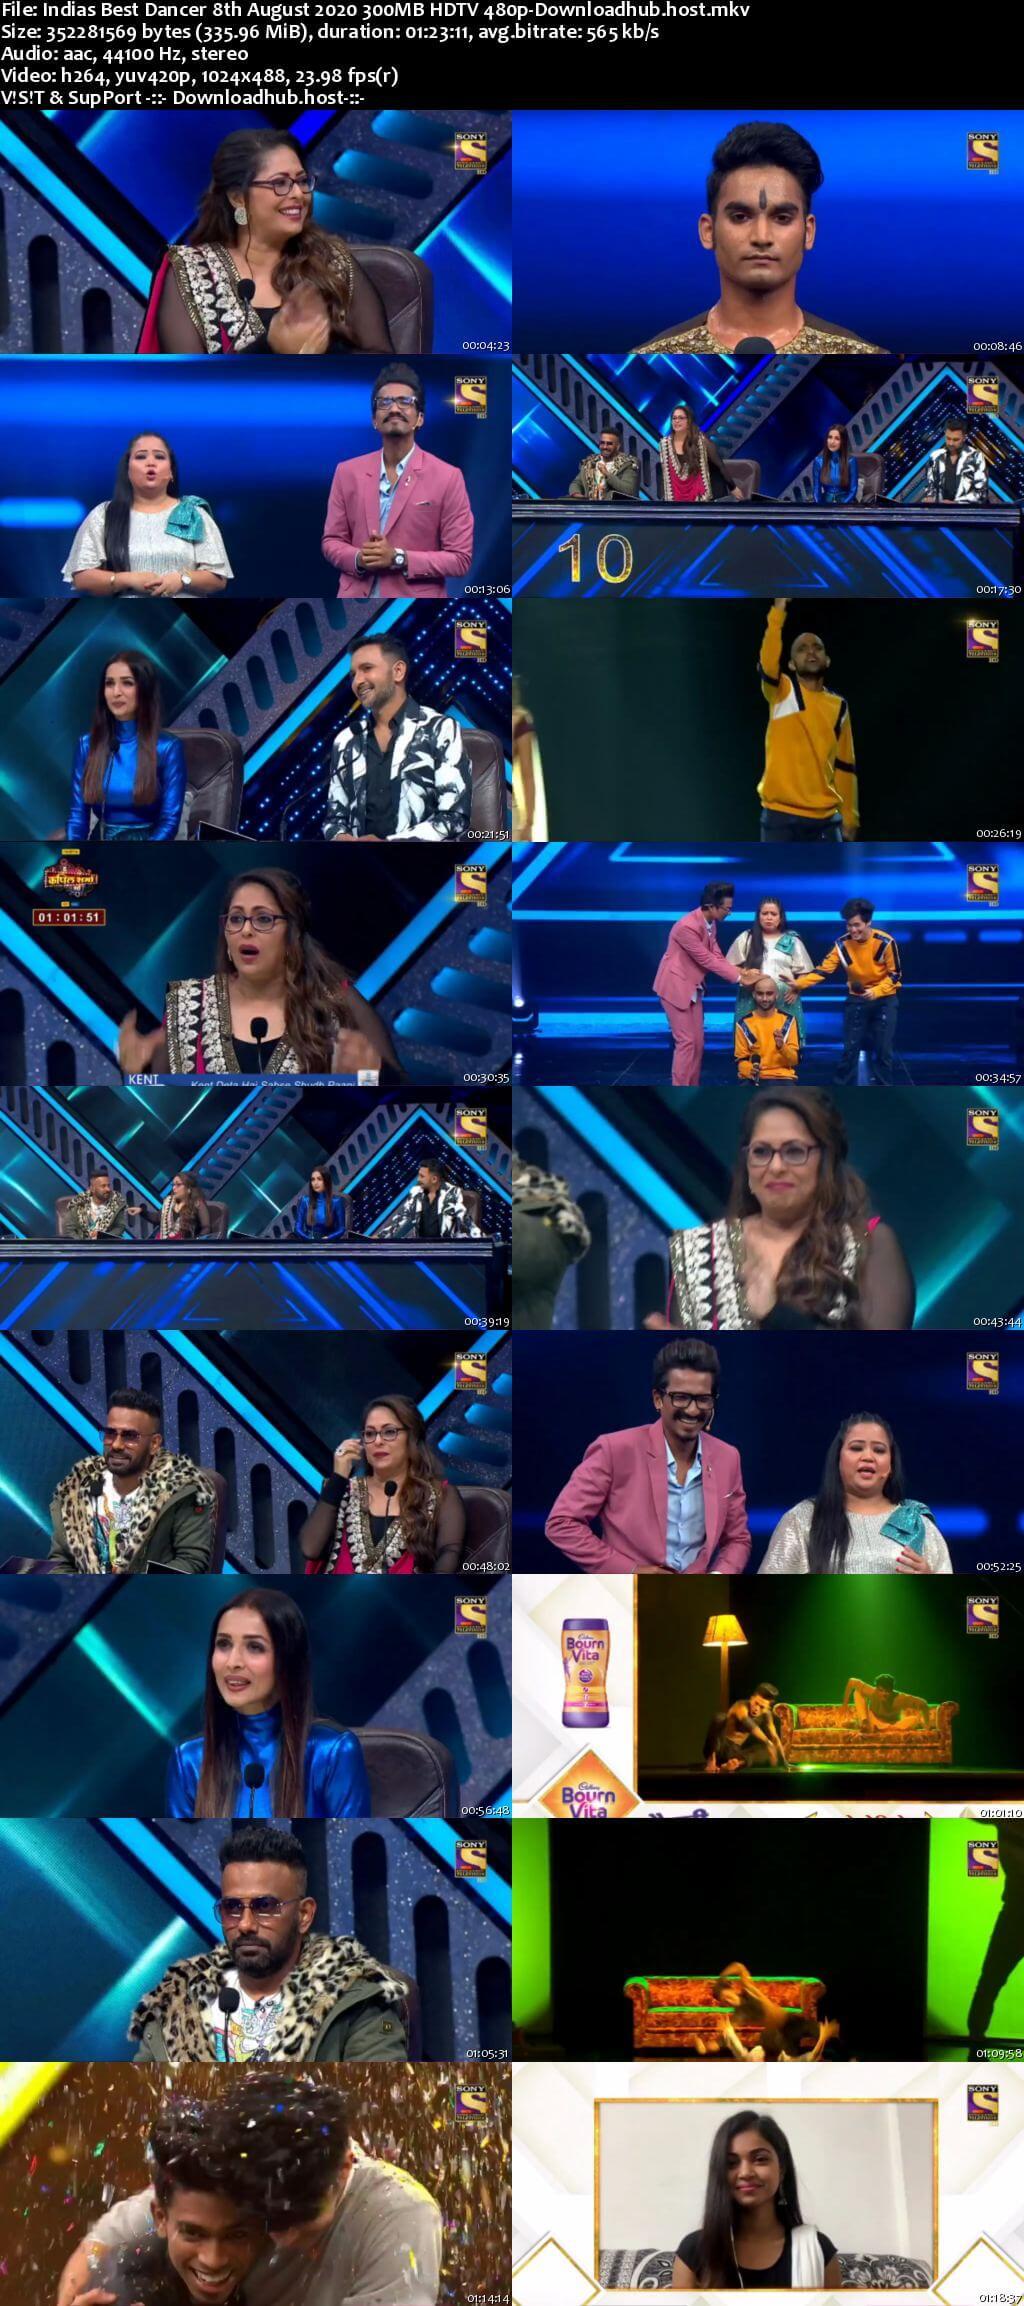 Indias Best Dancer 08 August 2020 Episode 17 HDTV 480p